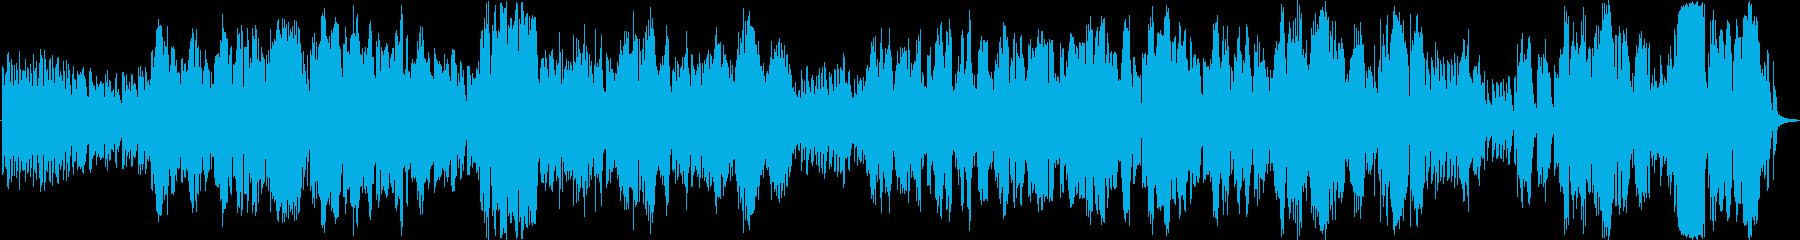 ロリータ 悩ましいカンツォーネの再生済みの波形